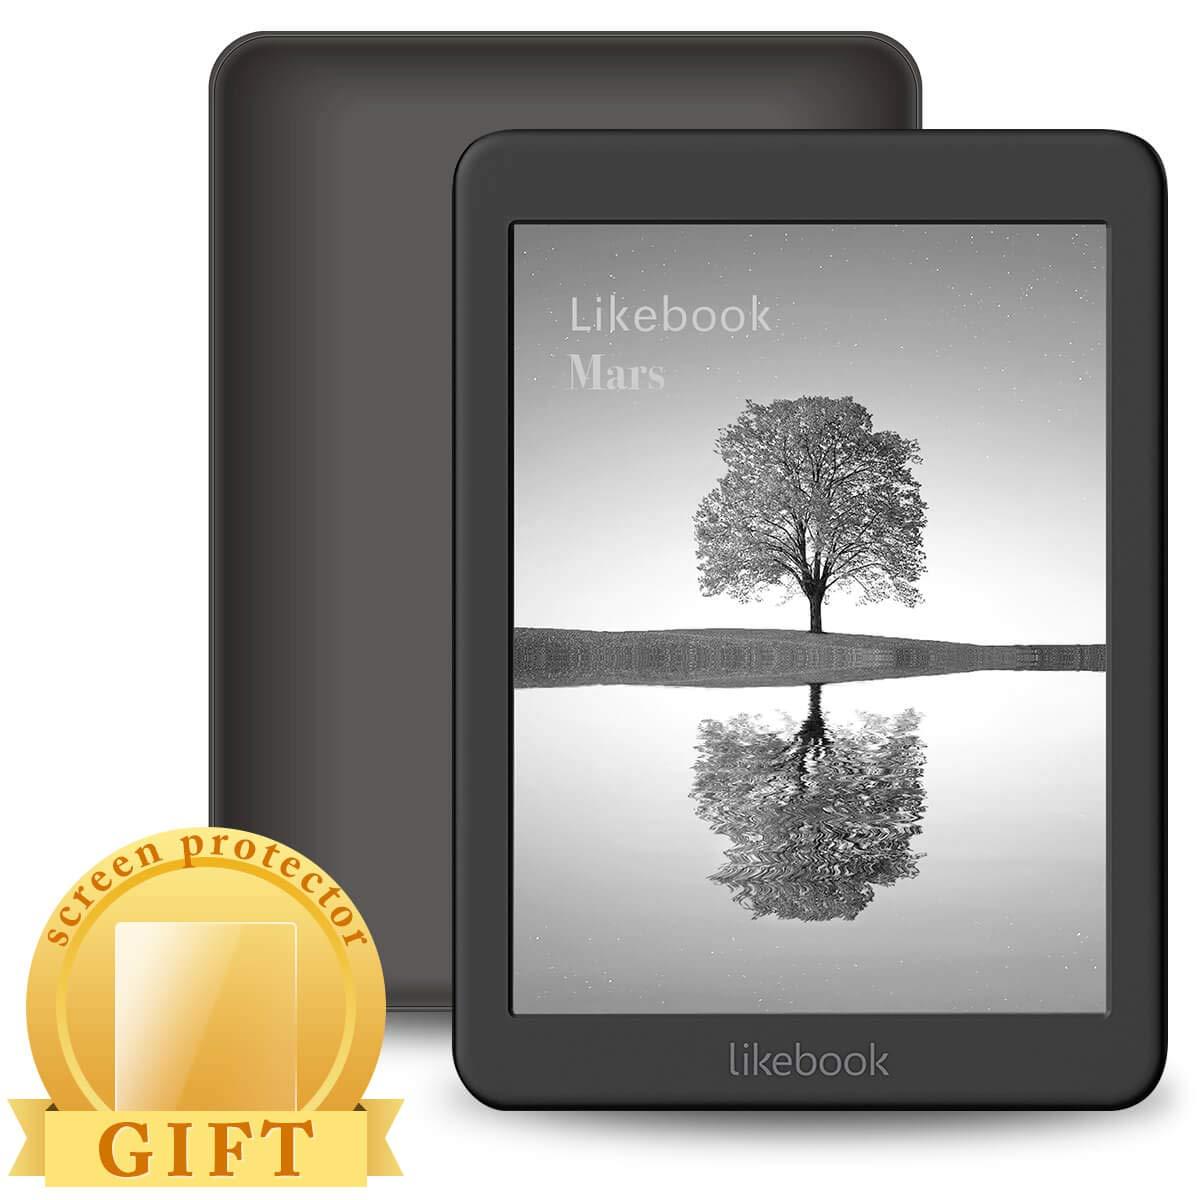 LikeBook Mars E-Reader, Pantalla Táctil De 7.8″, 300PPI, Procesador De 8 Núcleos, Luz Cálida/Fría Ajustable Incorporada, Audible Incorporado, Android 6.0, Google Play Store 16GB